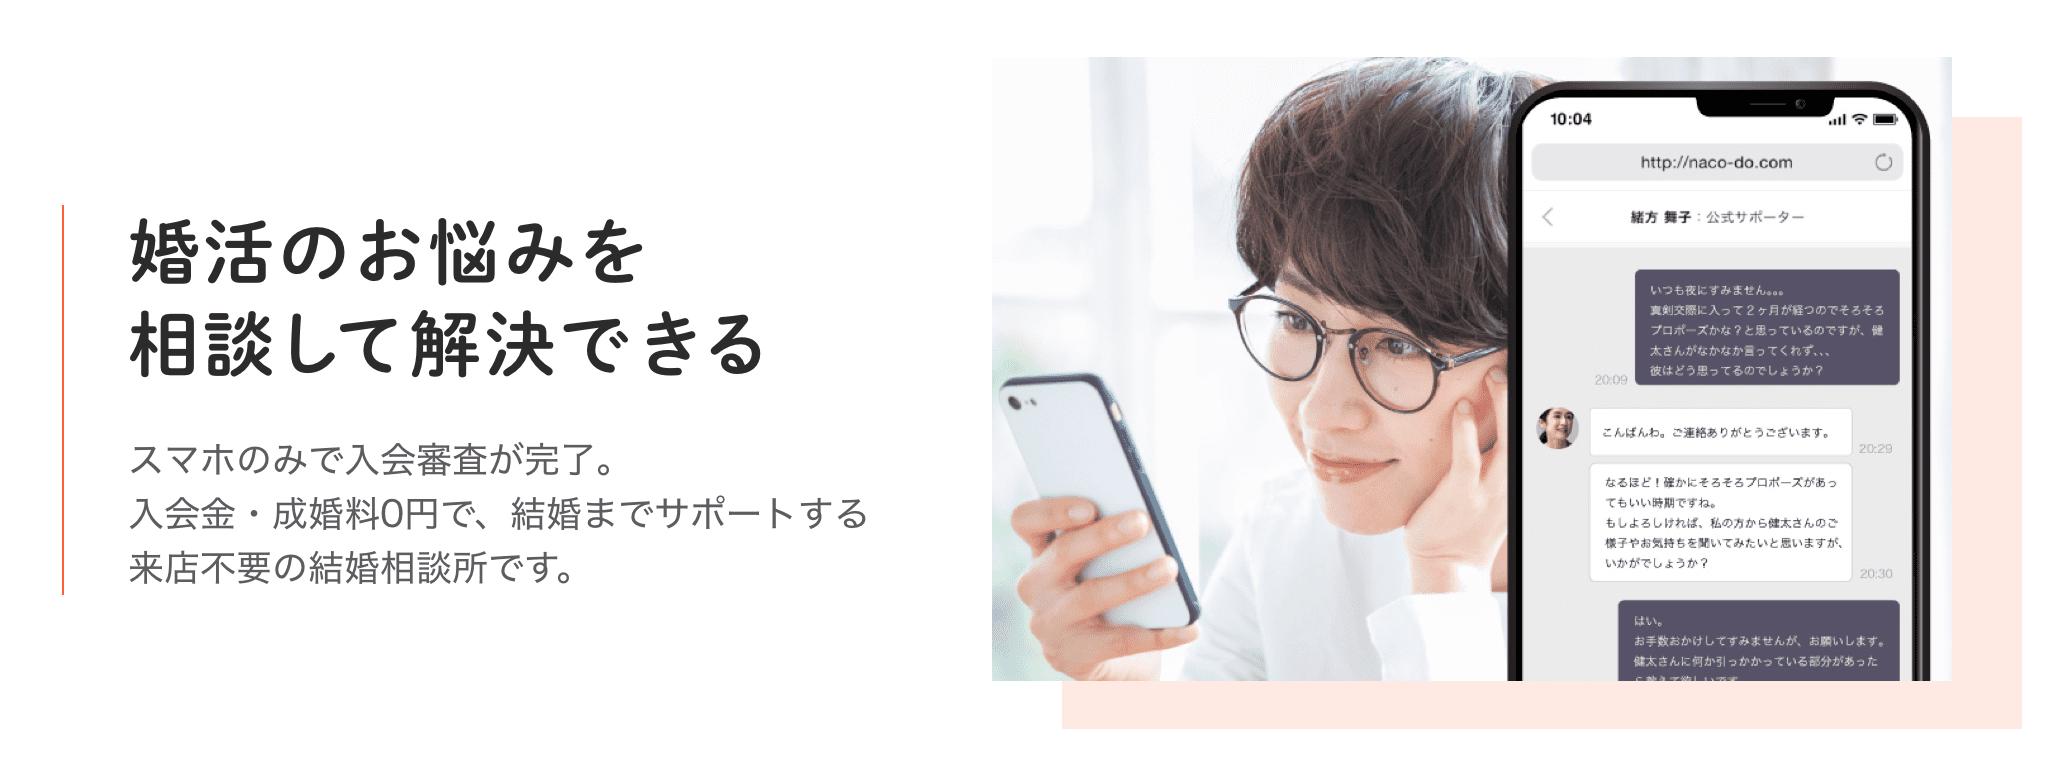 naco-do(ナコード)のオンライン